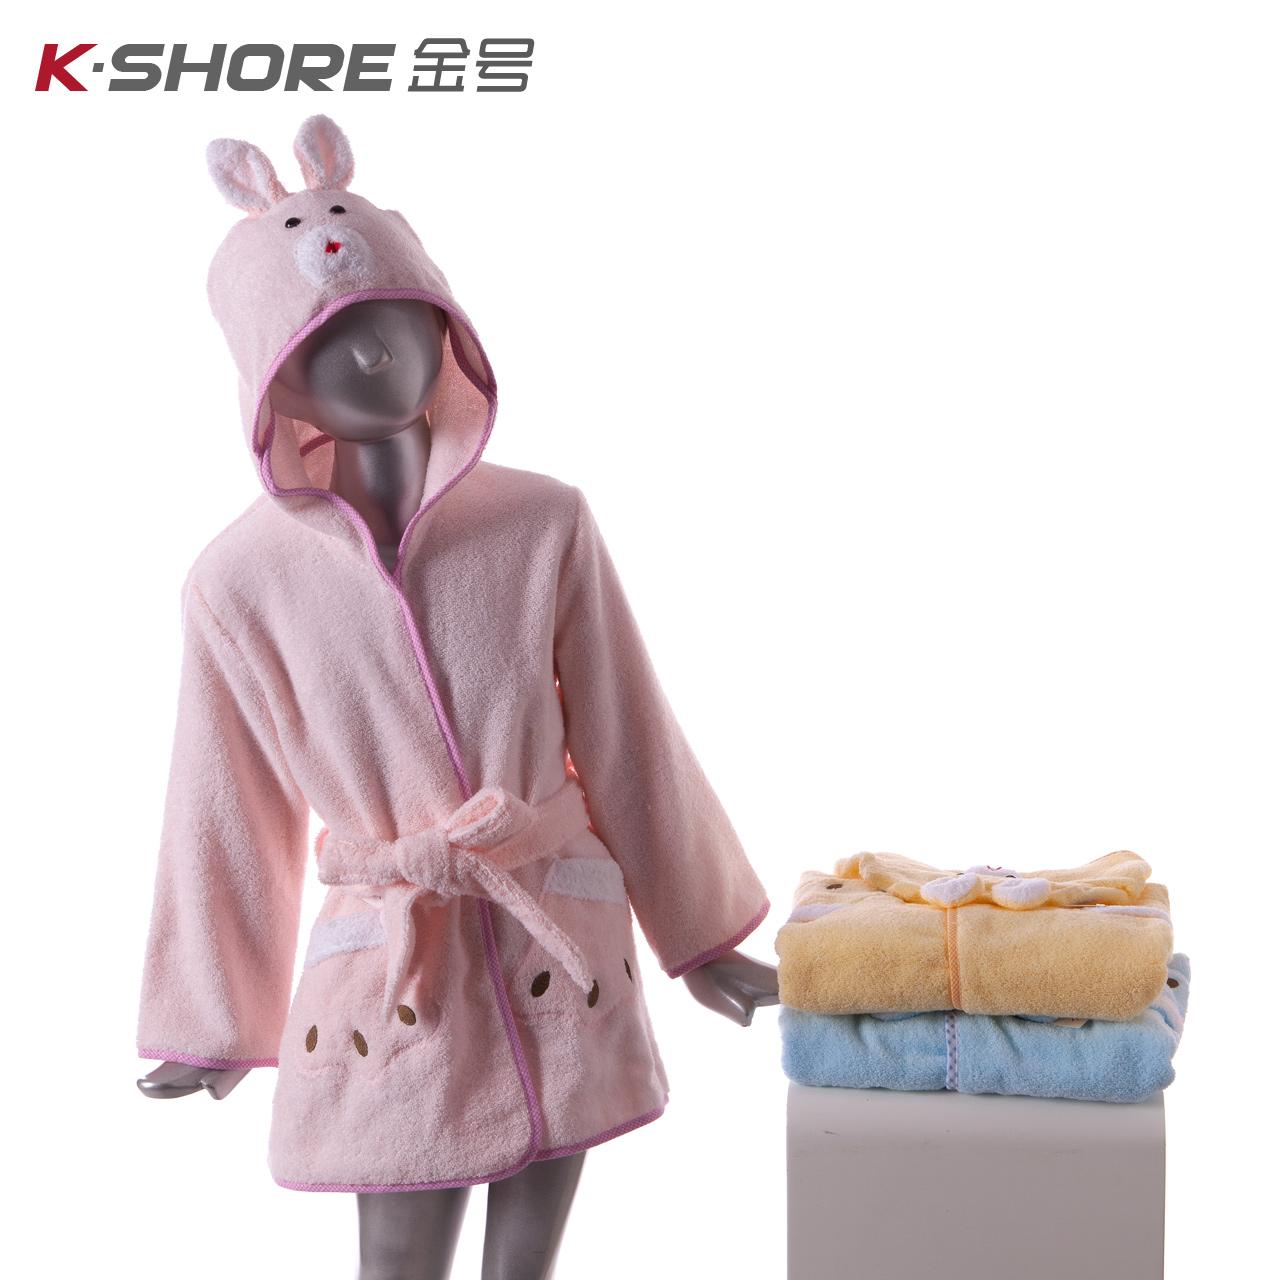 金号 纯棉浴衣礼盒装 素色绣花浴袍/家居服 卡通连帽 系带式